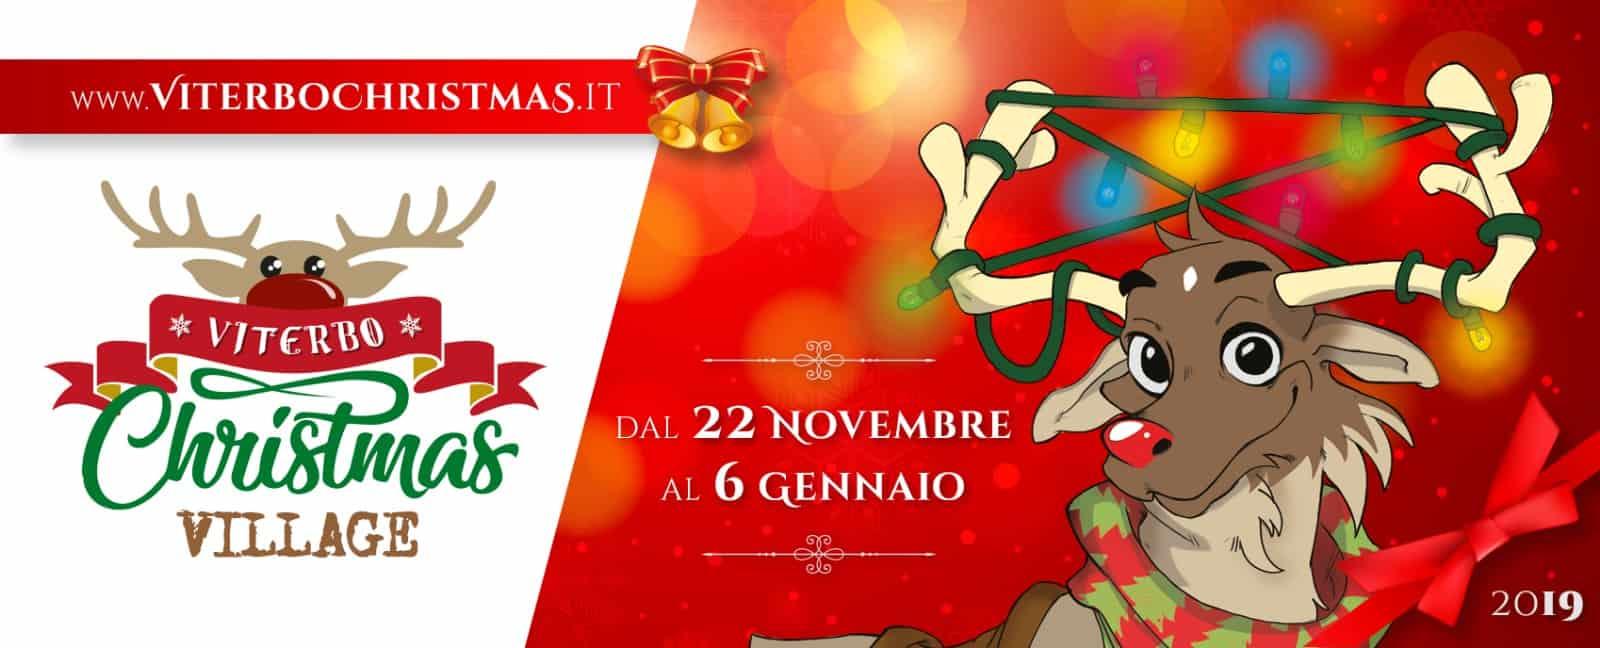 banner1 - Viterbo Christmas Village : la magia del Natale nel Centro storico di Viterbo